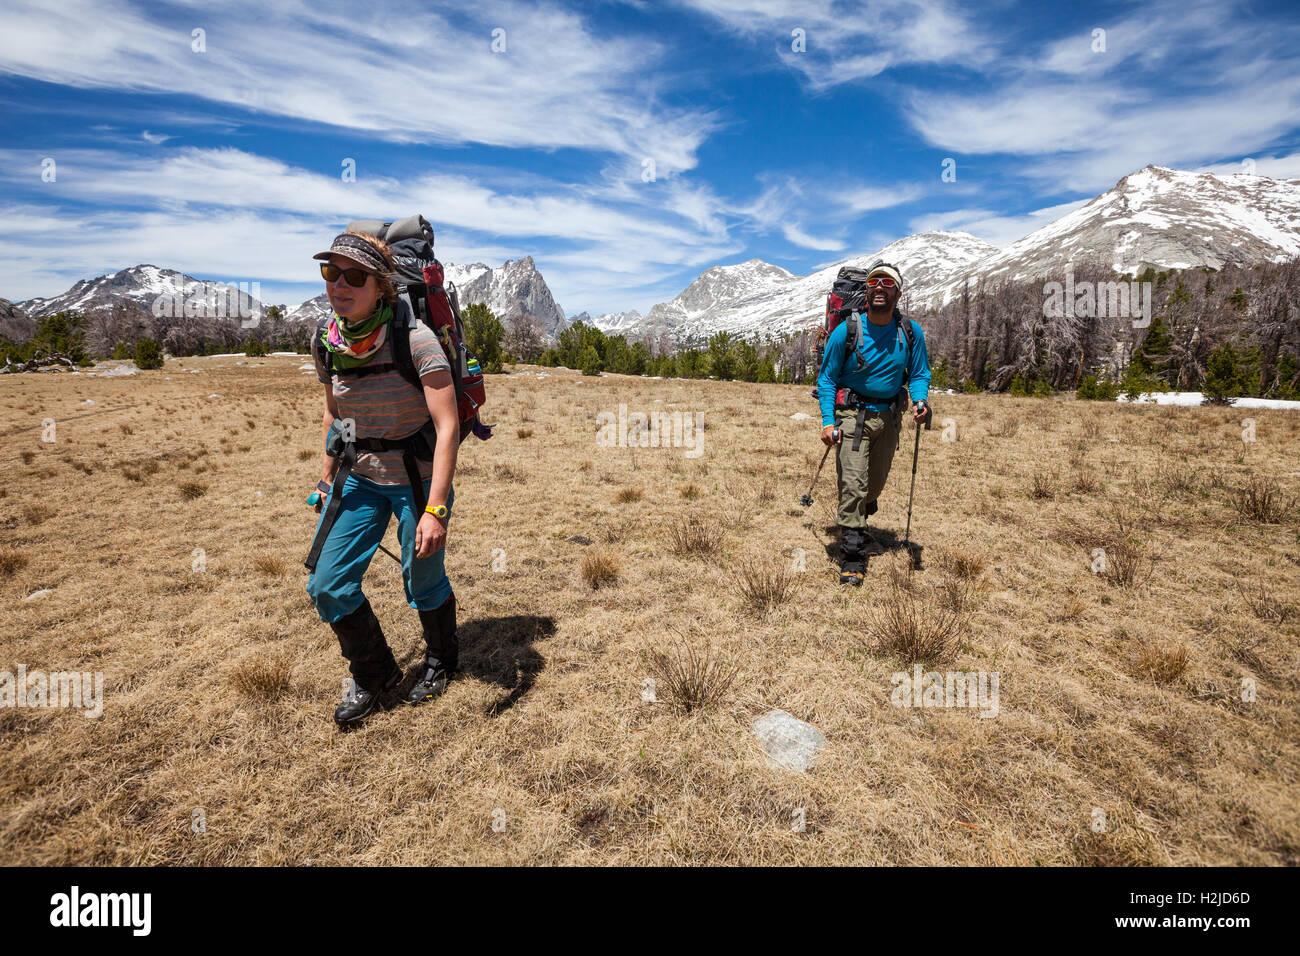 Zwei Personen in die Wind River Mountains von Wyoming, Rucksackreisen in Richtung Tempel Pass/Tempel Peak Stockbild